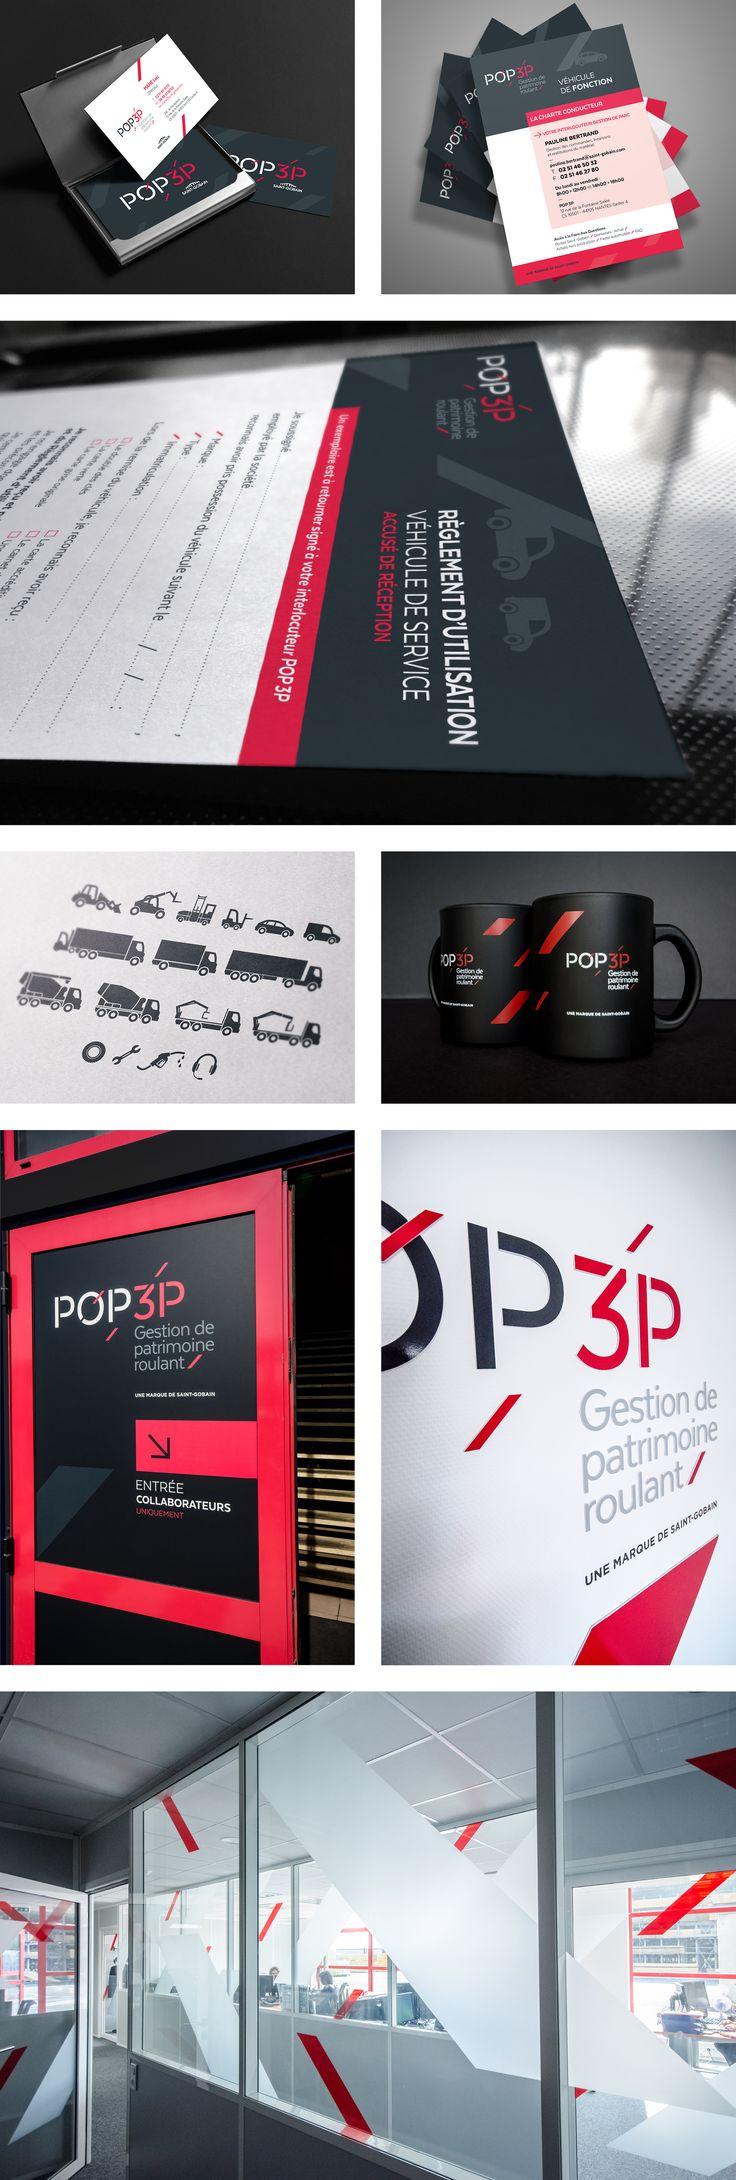 MOSWO | le privé | Pop 3P | identité | logotype | signature | identité visuelle | Agencement | bureaux | Espace | Corporate |